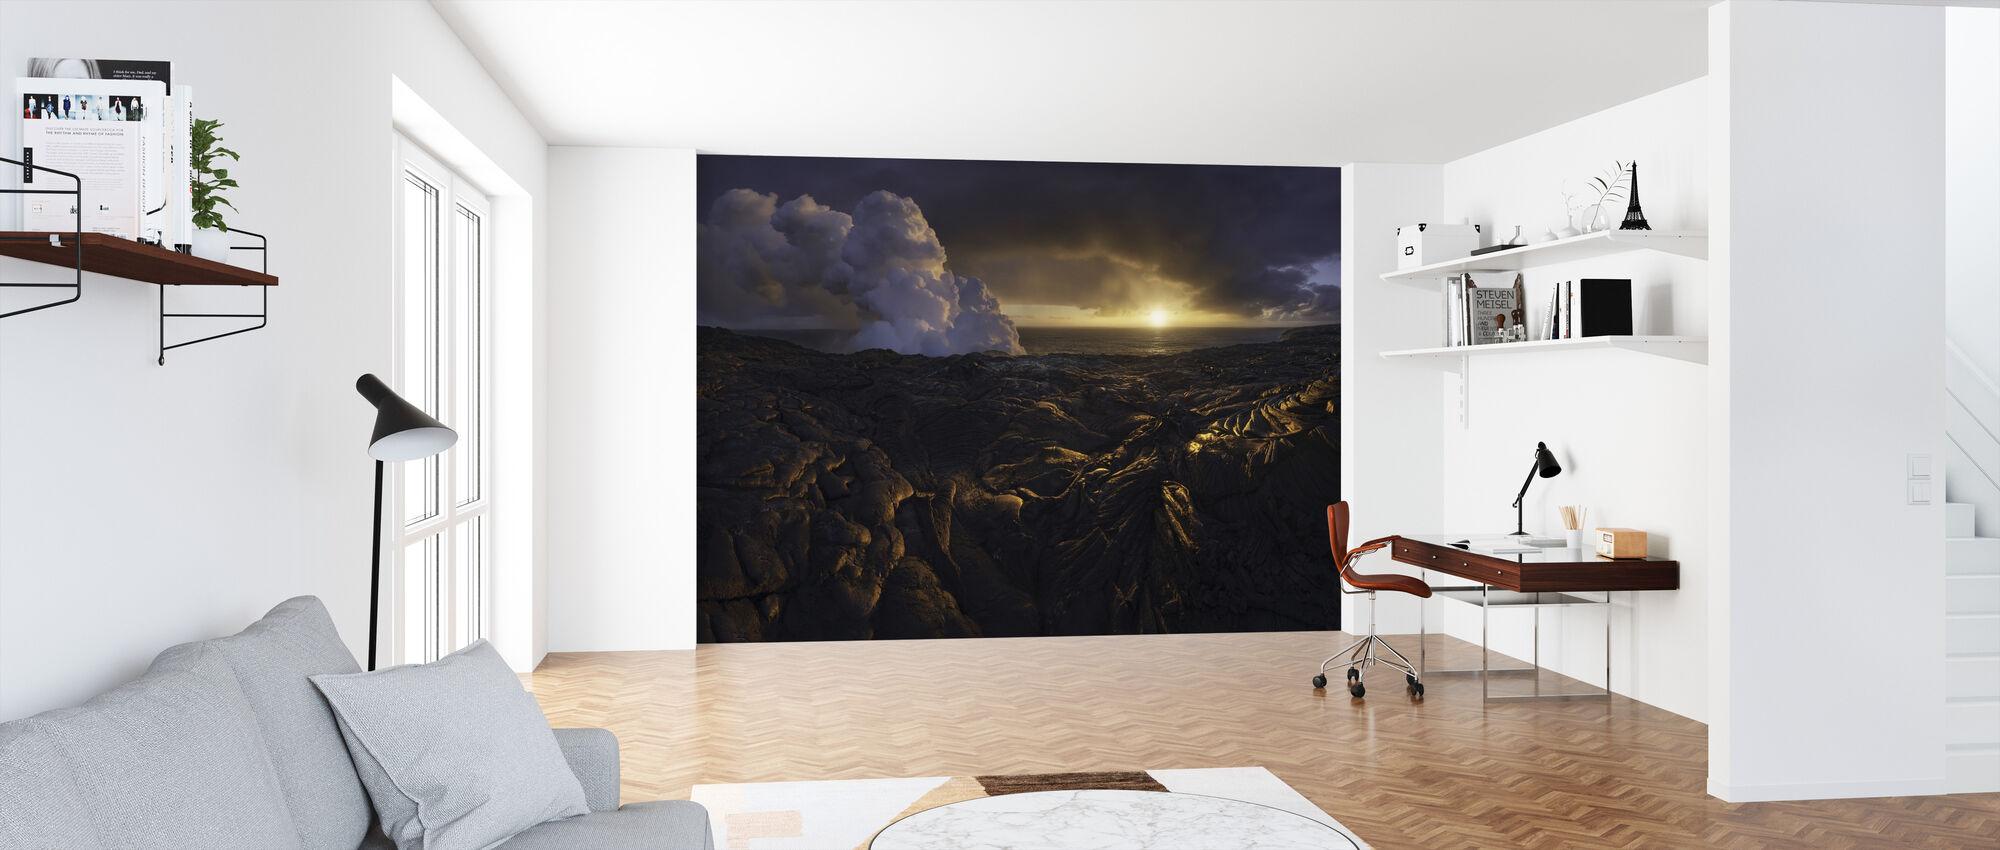 Lava Fields - Wallpaper - Office